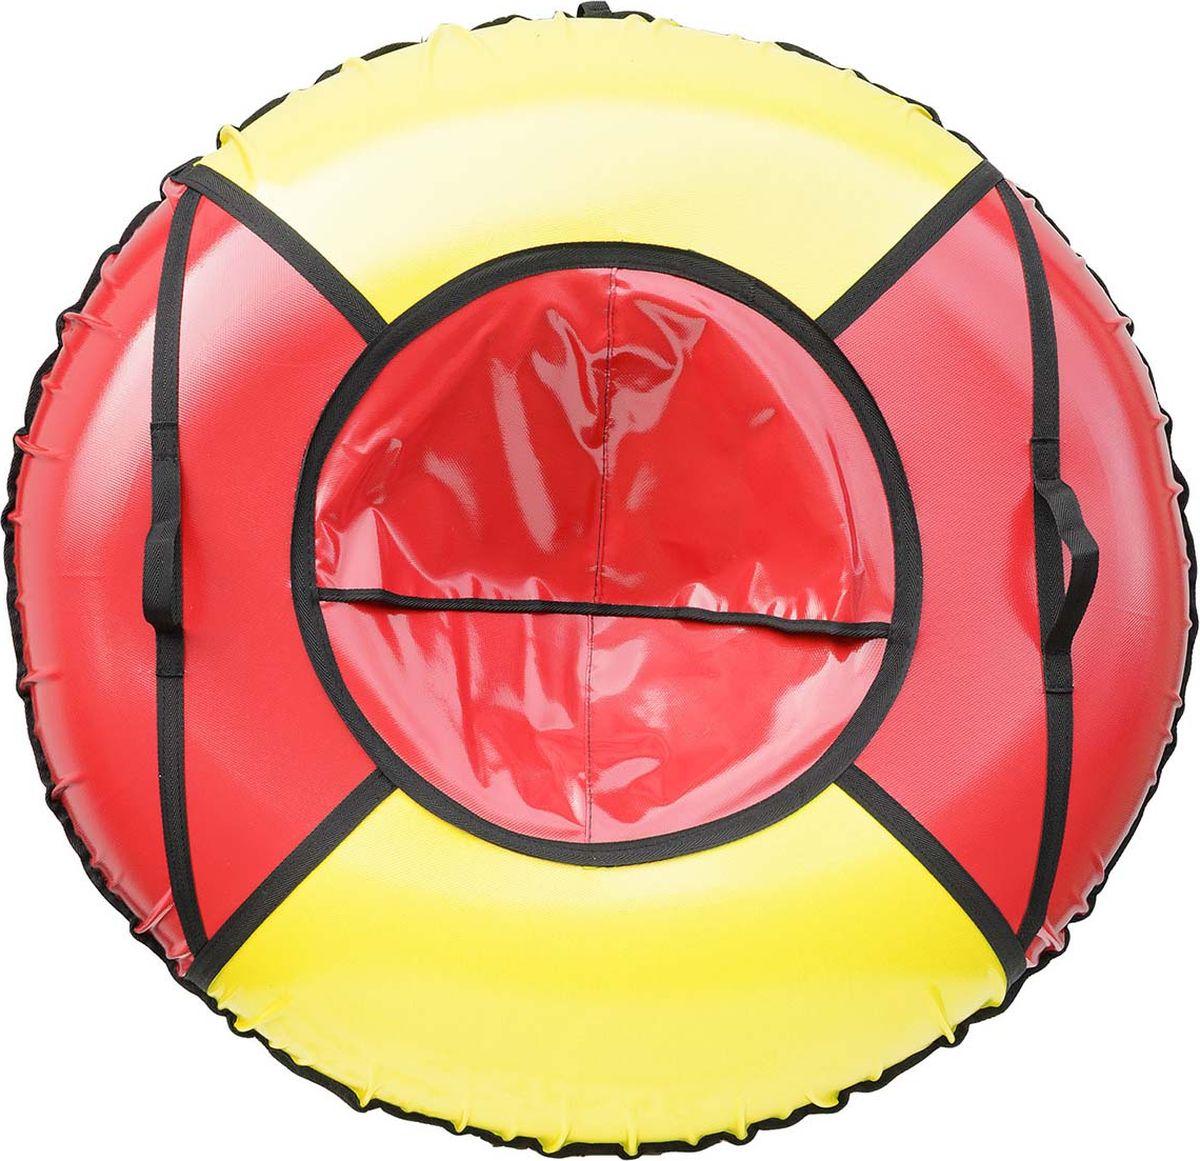 Тюбинг Эх, Прокачу! Профи-4, цвет: красный, желтый, диаметр 100 смСП100-4-1Любимая детская зимняя забава - это кататься с горки. А катание на тюбинге Эх, Прокачу! Профи-4 надолго запомнится вам и вашим близким. Свежий воздух, веселая компания, веселые развлечения - эти моменты вы будете вспоминать еще долгое время.Особенности: Материал - ткань ПВХ, плотность 630 г/м2Диаметр в надутом виде - 100 см.Морозоустойчивость - до -45 градусов.Камера российского производства, буксировочный ремень. Тюбинг не предназначен для буксировки механическими или транспортными средствами (подъемники, канатные дороги, лебедки, автомобиль, снегоход, квадроцикл и т.д.)Допускается деформация формы санок из-за неравномерности надувания камеры.